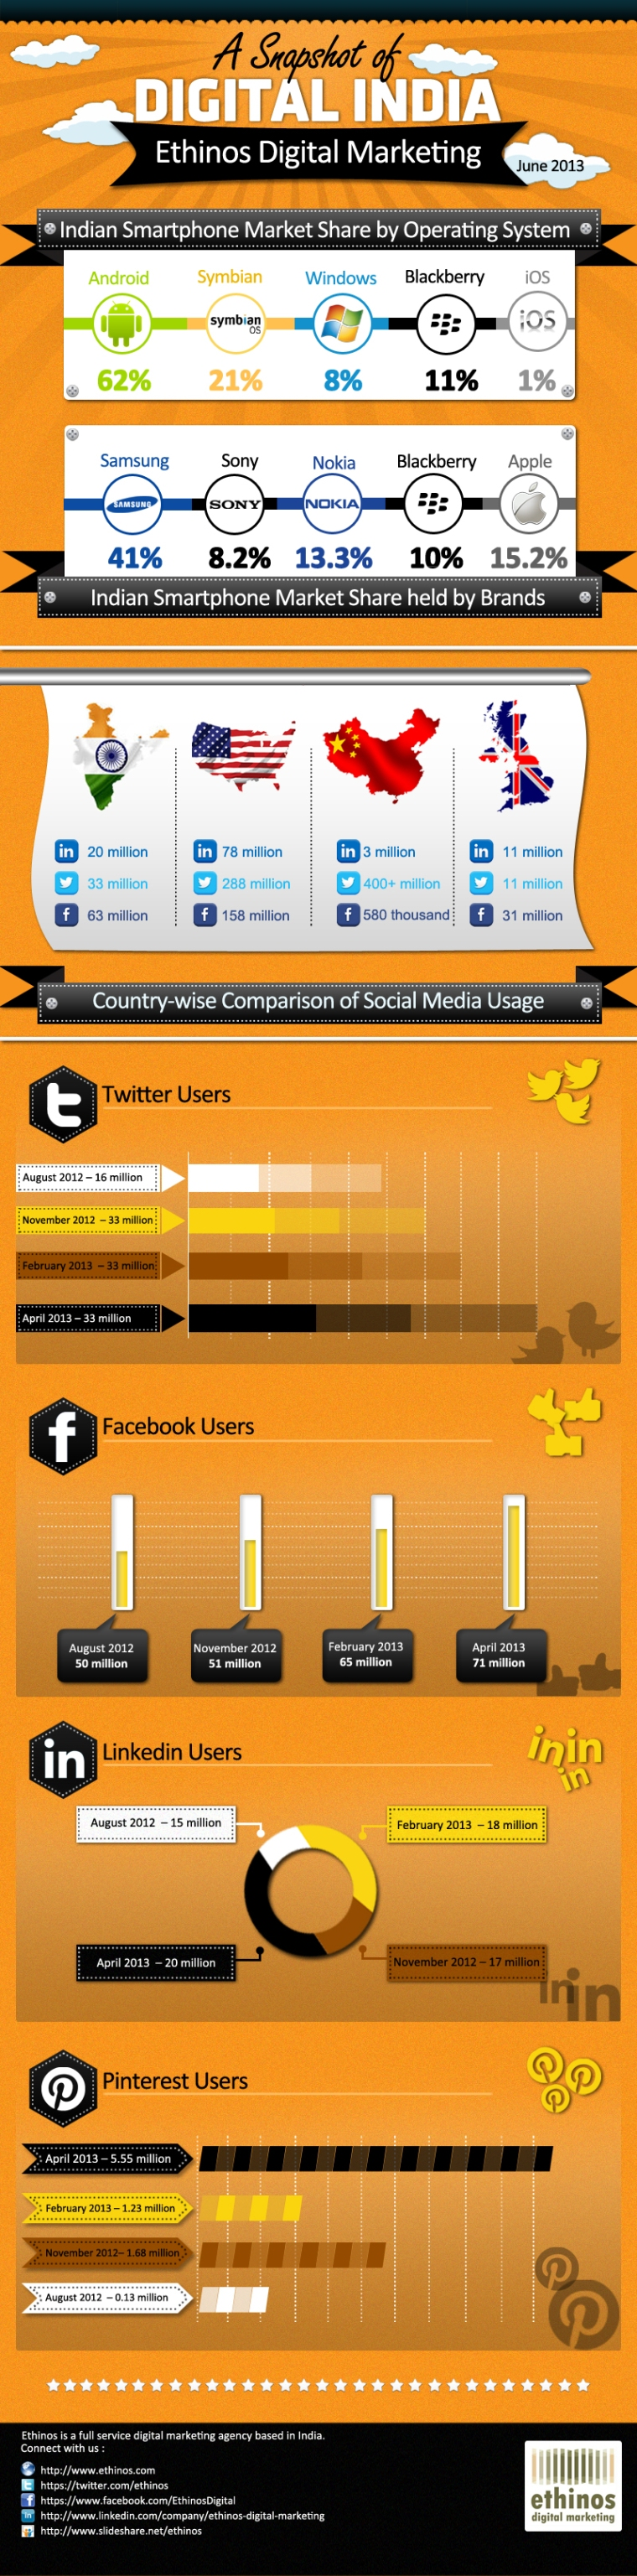 ethinos_infographic